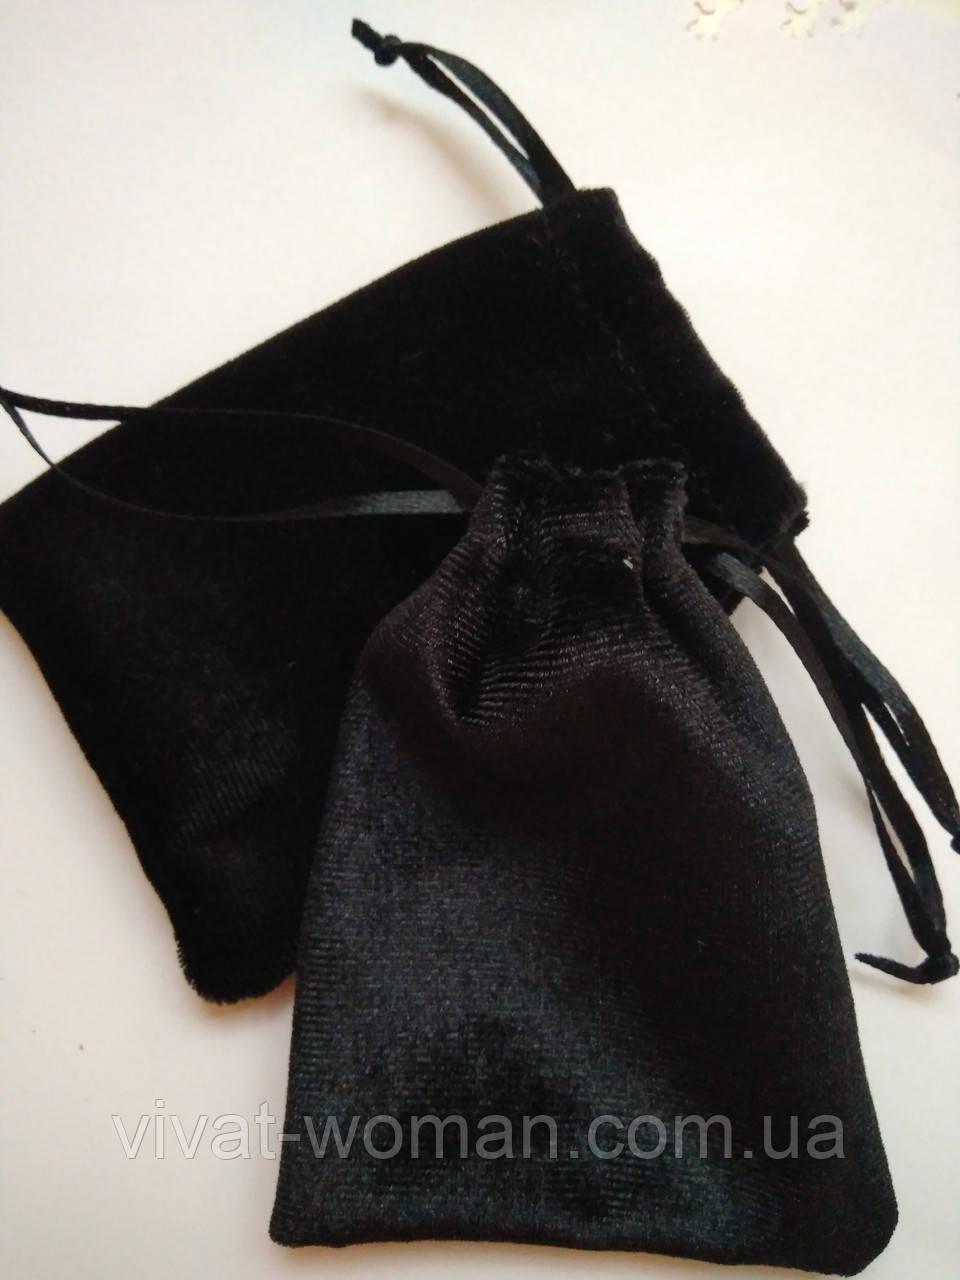 Мешочки ювелирные, бархат атласный черный 7х9 см, 1шт. Производство Украина